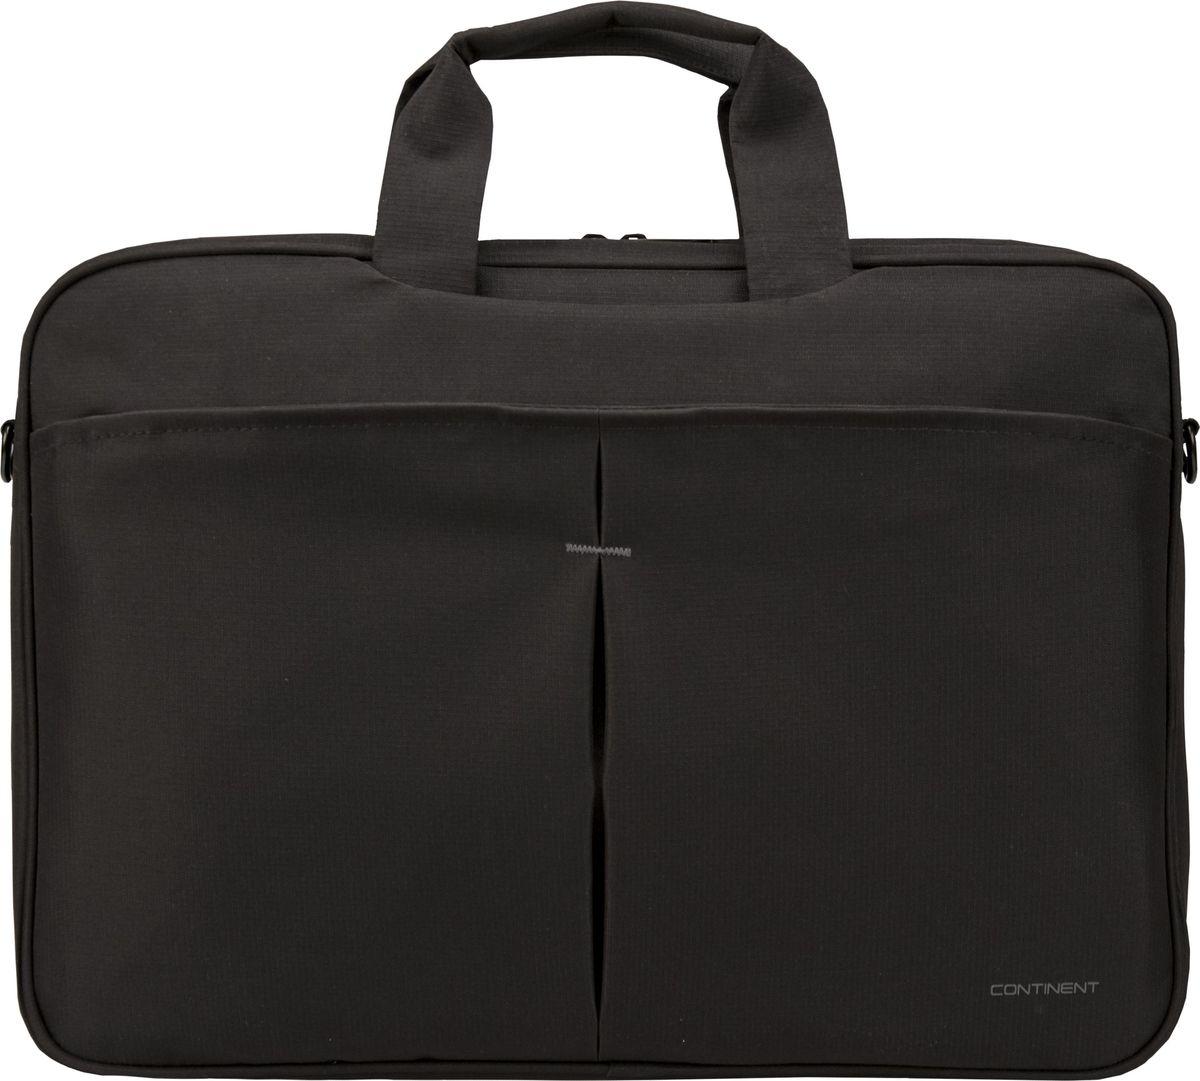 Continent CC-018, Black сумка для ноутбука 17,300-5000351Легкая сумка для ноутбука Continent CC-018. Стенки из пенообразного материала надежно защитят ваш ноутбук.Удобный плечевой ремень обеспечит комфорт при переноске.